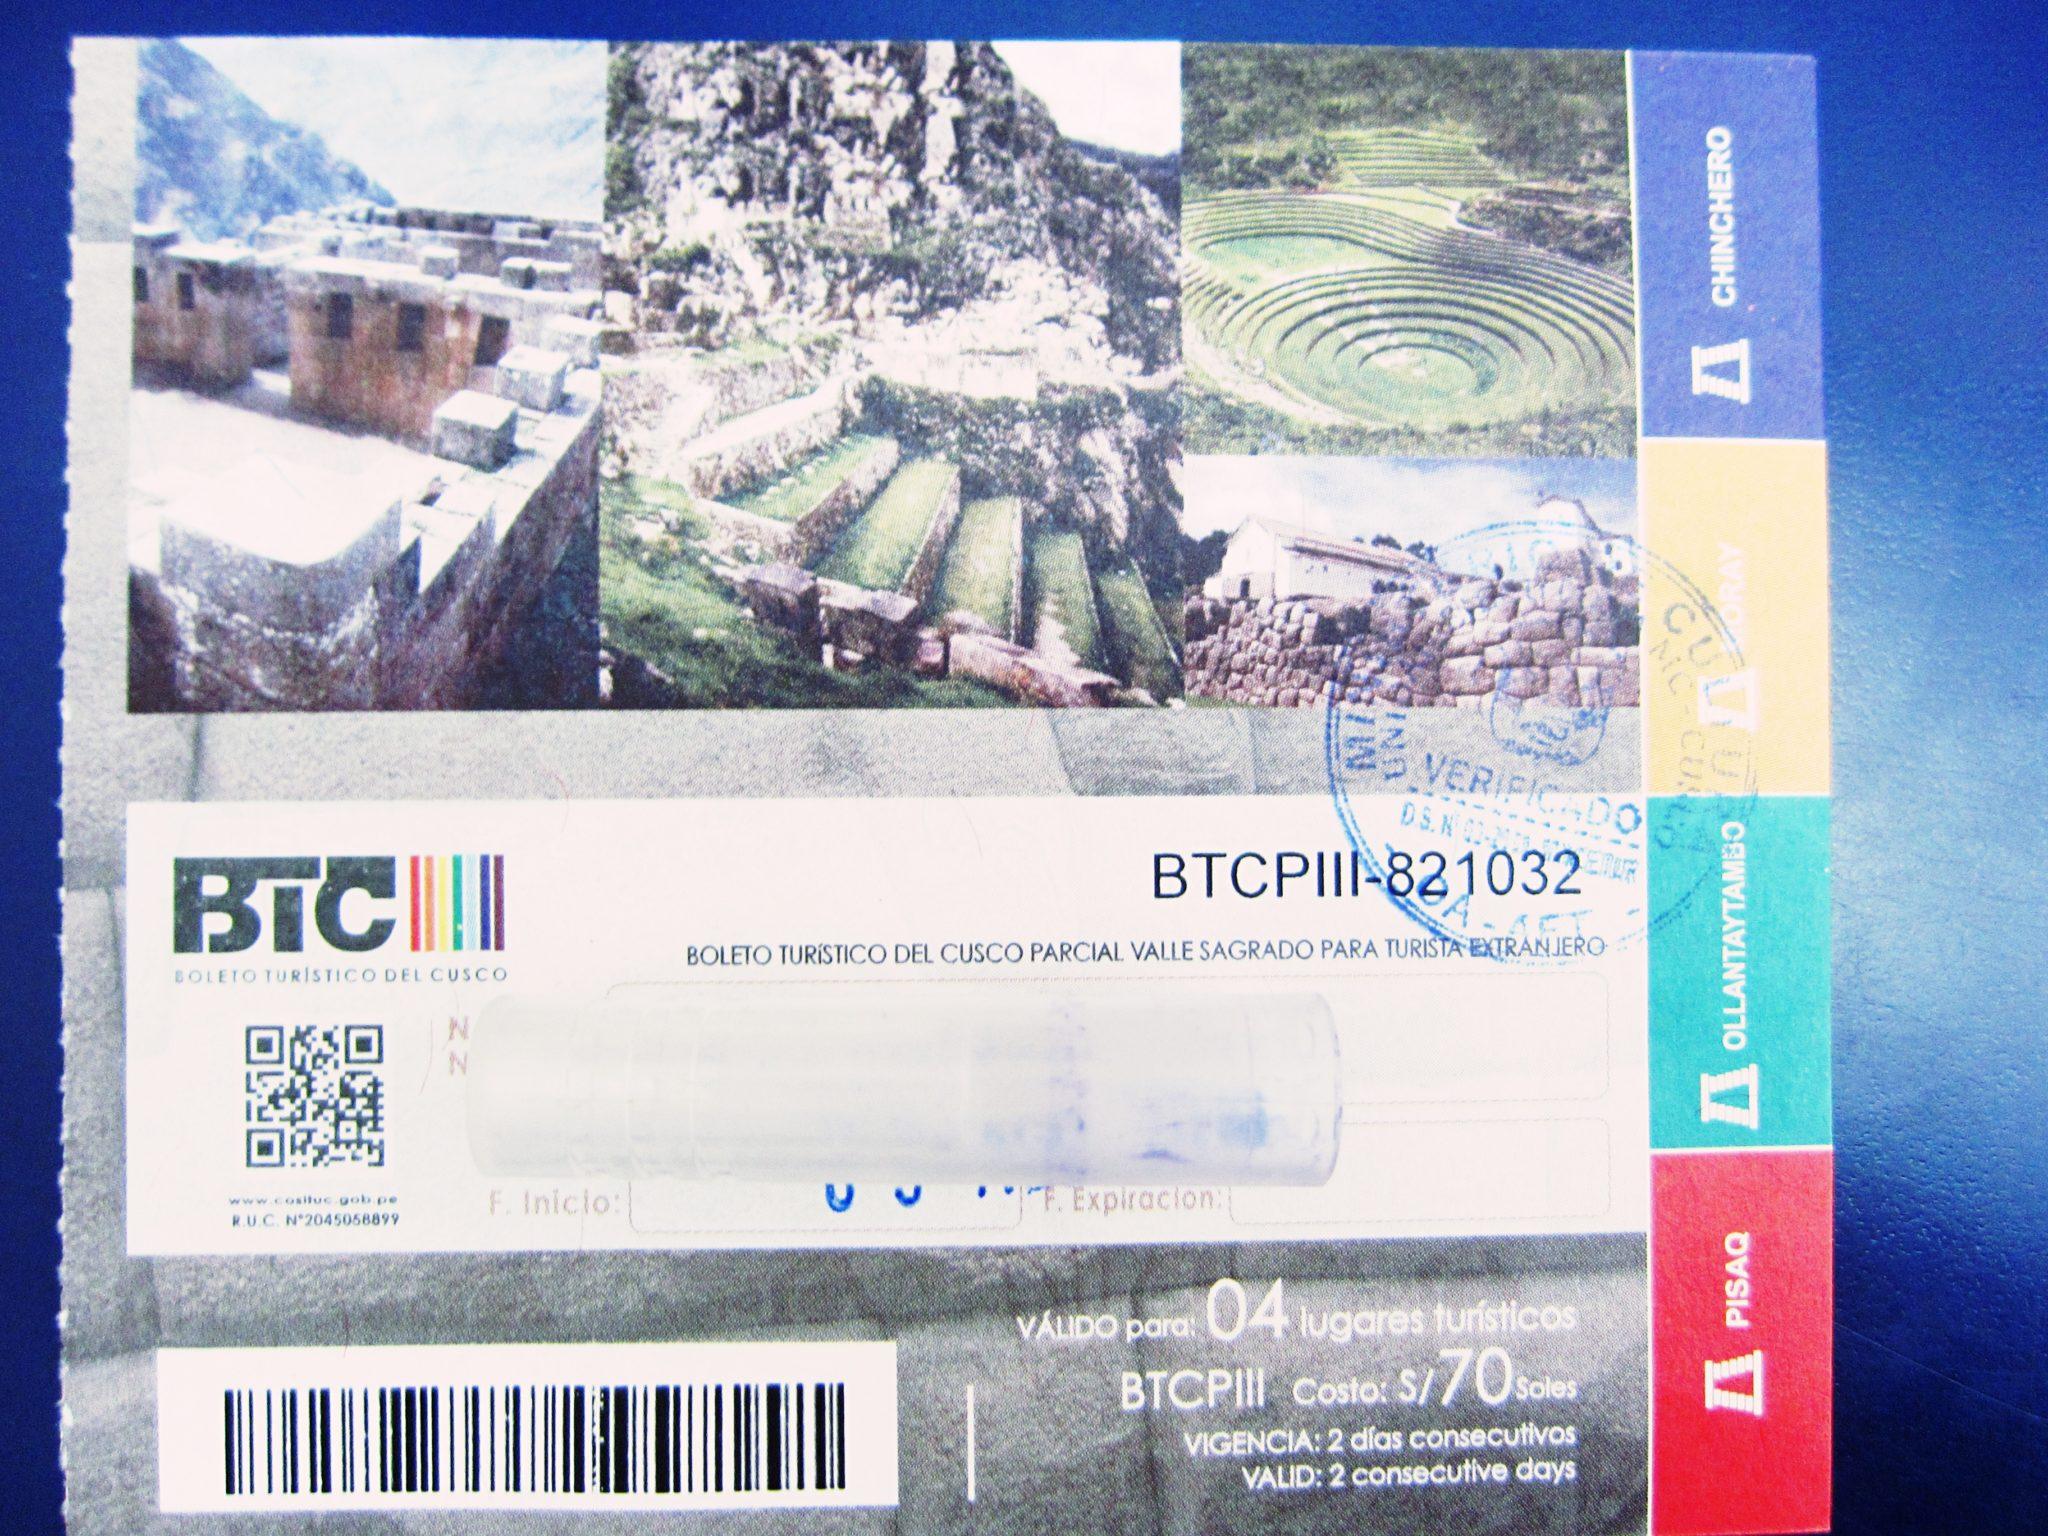 ペルー, クスコ, 旅行, チケット, 周遊券, 聖なる谷